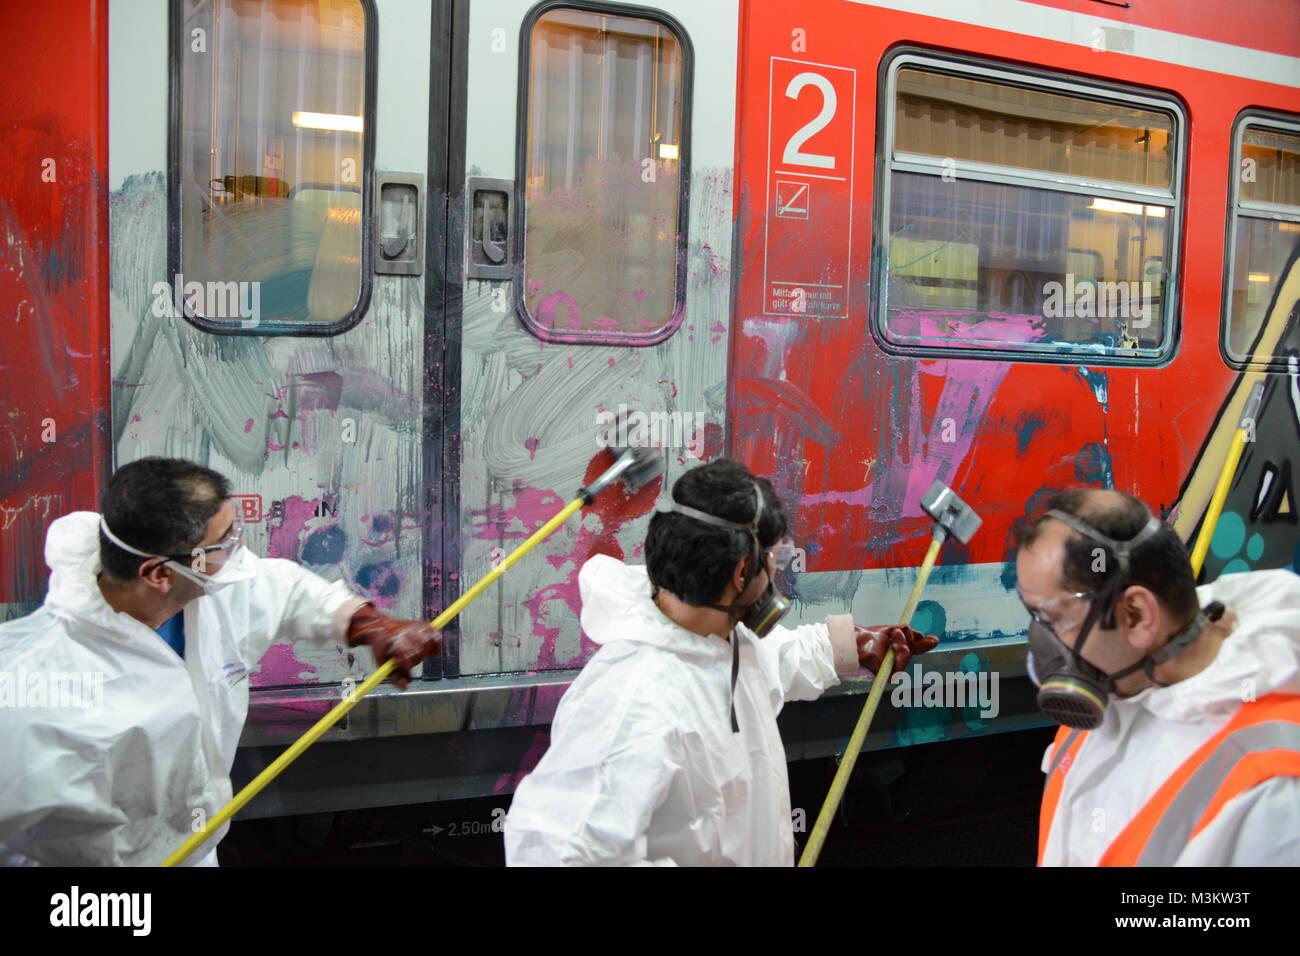 Reinigung der S-Bahn durch 3 Mitarbeiter. Die Deutsche Bahn hat am ...